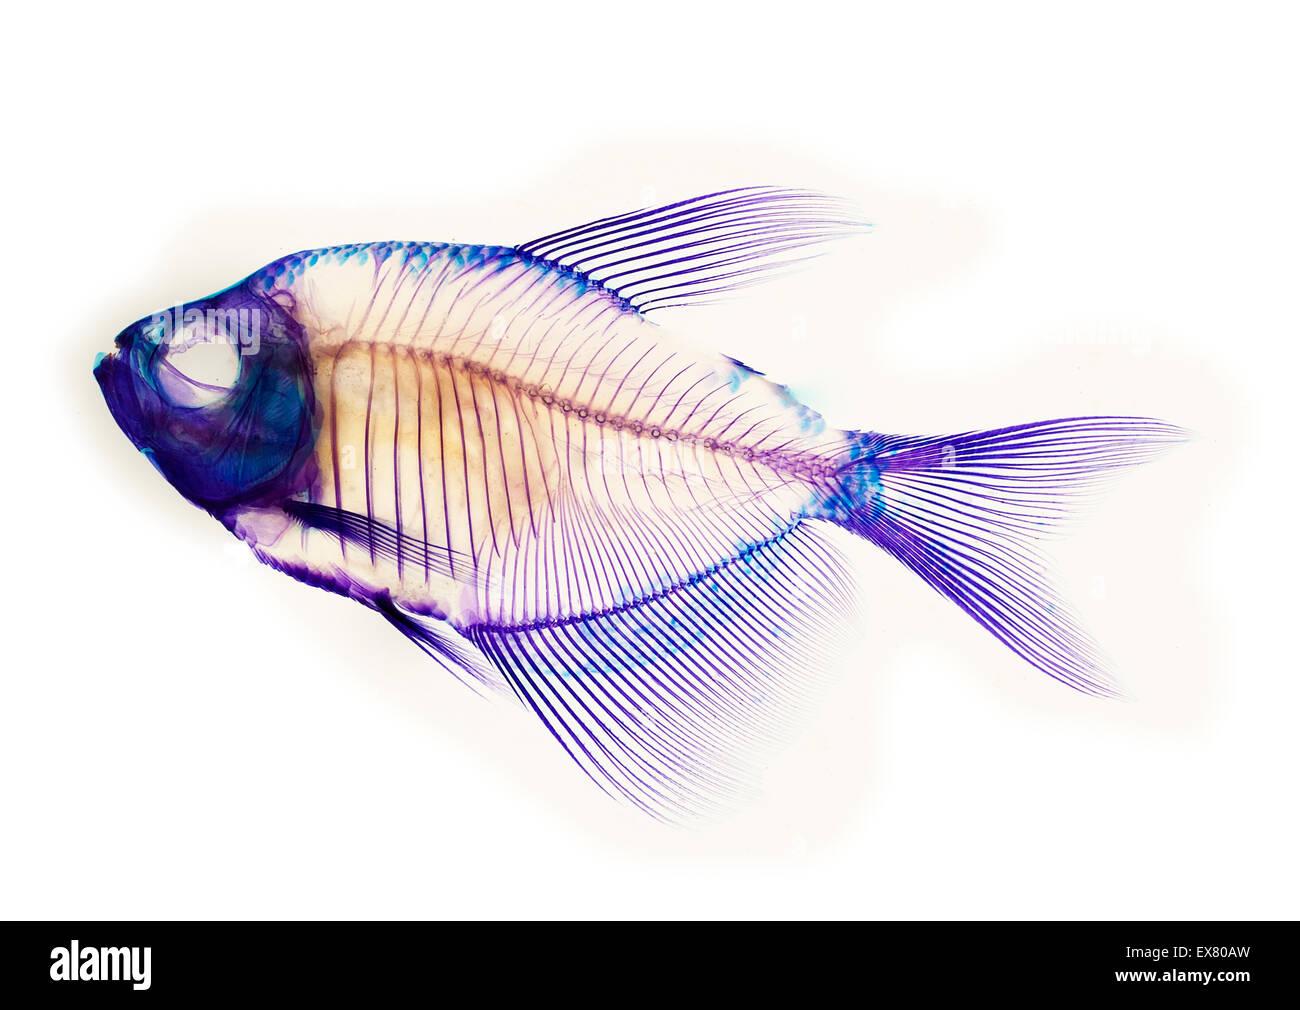 Atemberaubend Fisch Skelett Anatomie Ideen - Menschliche Anatomie ...